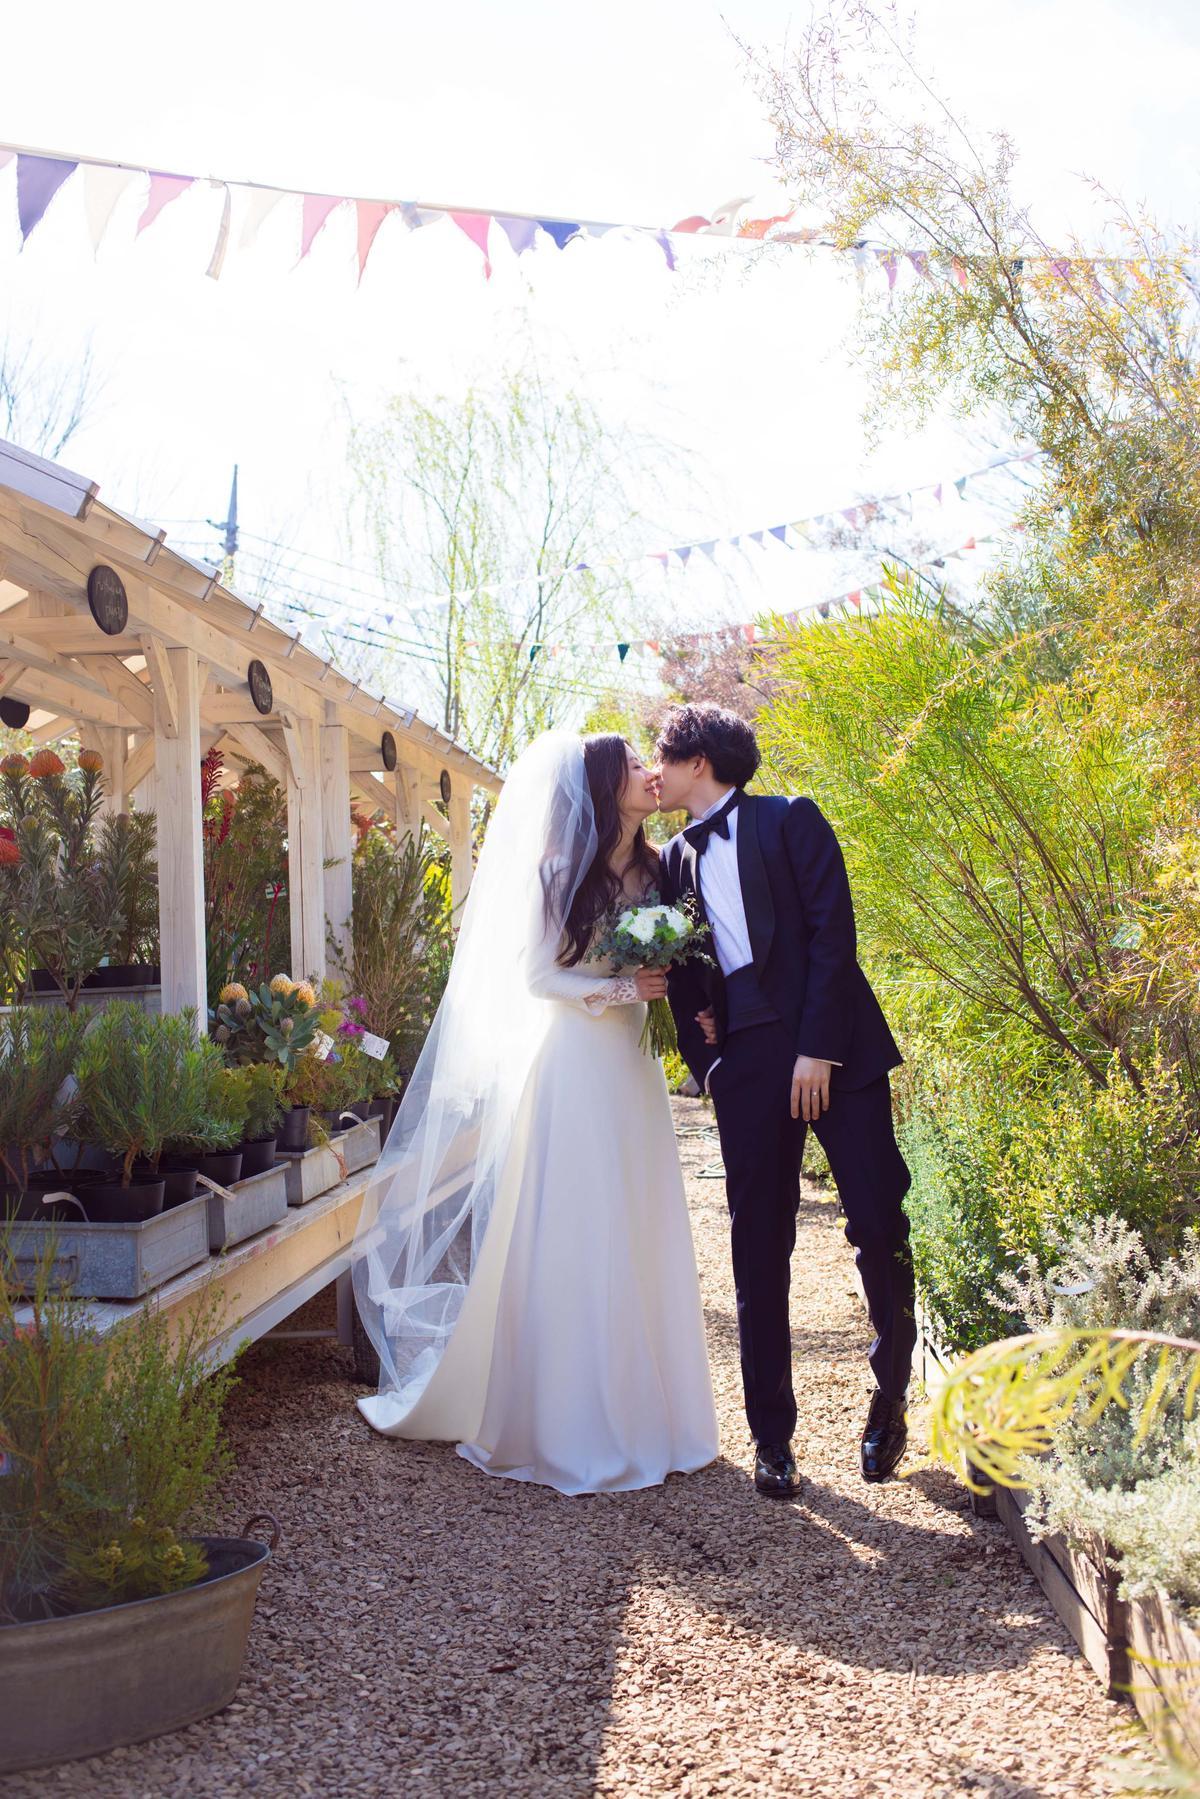 林宥嘉與丁文琪的婚紗照曝光,請到川島小鳥掌鏡。